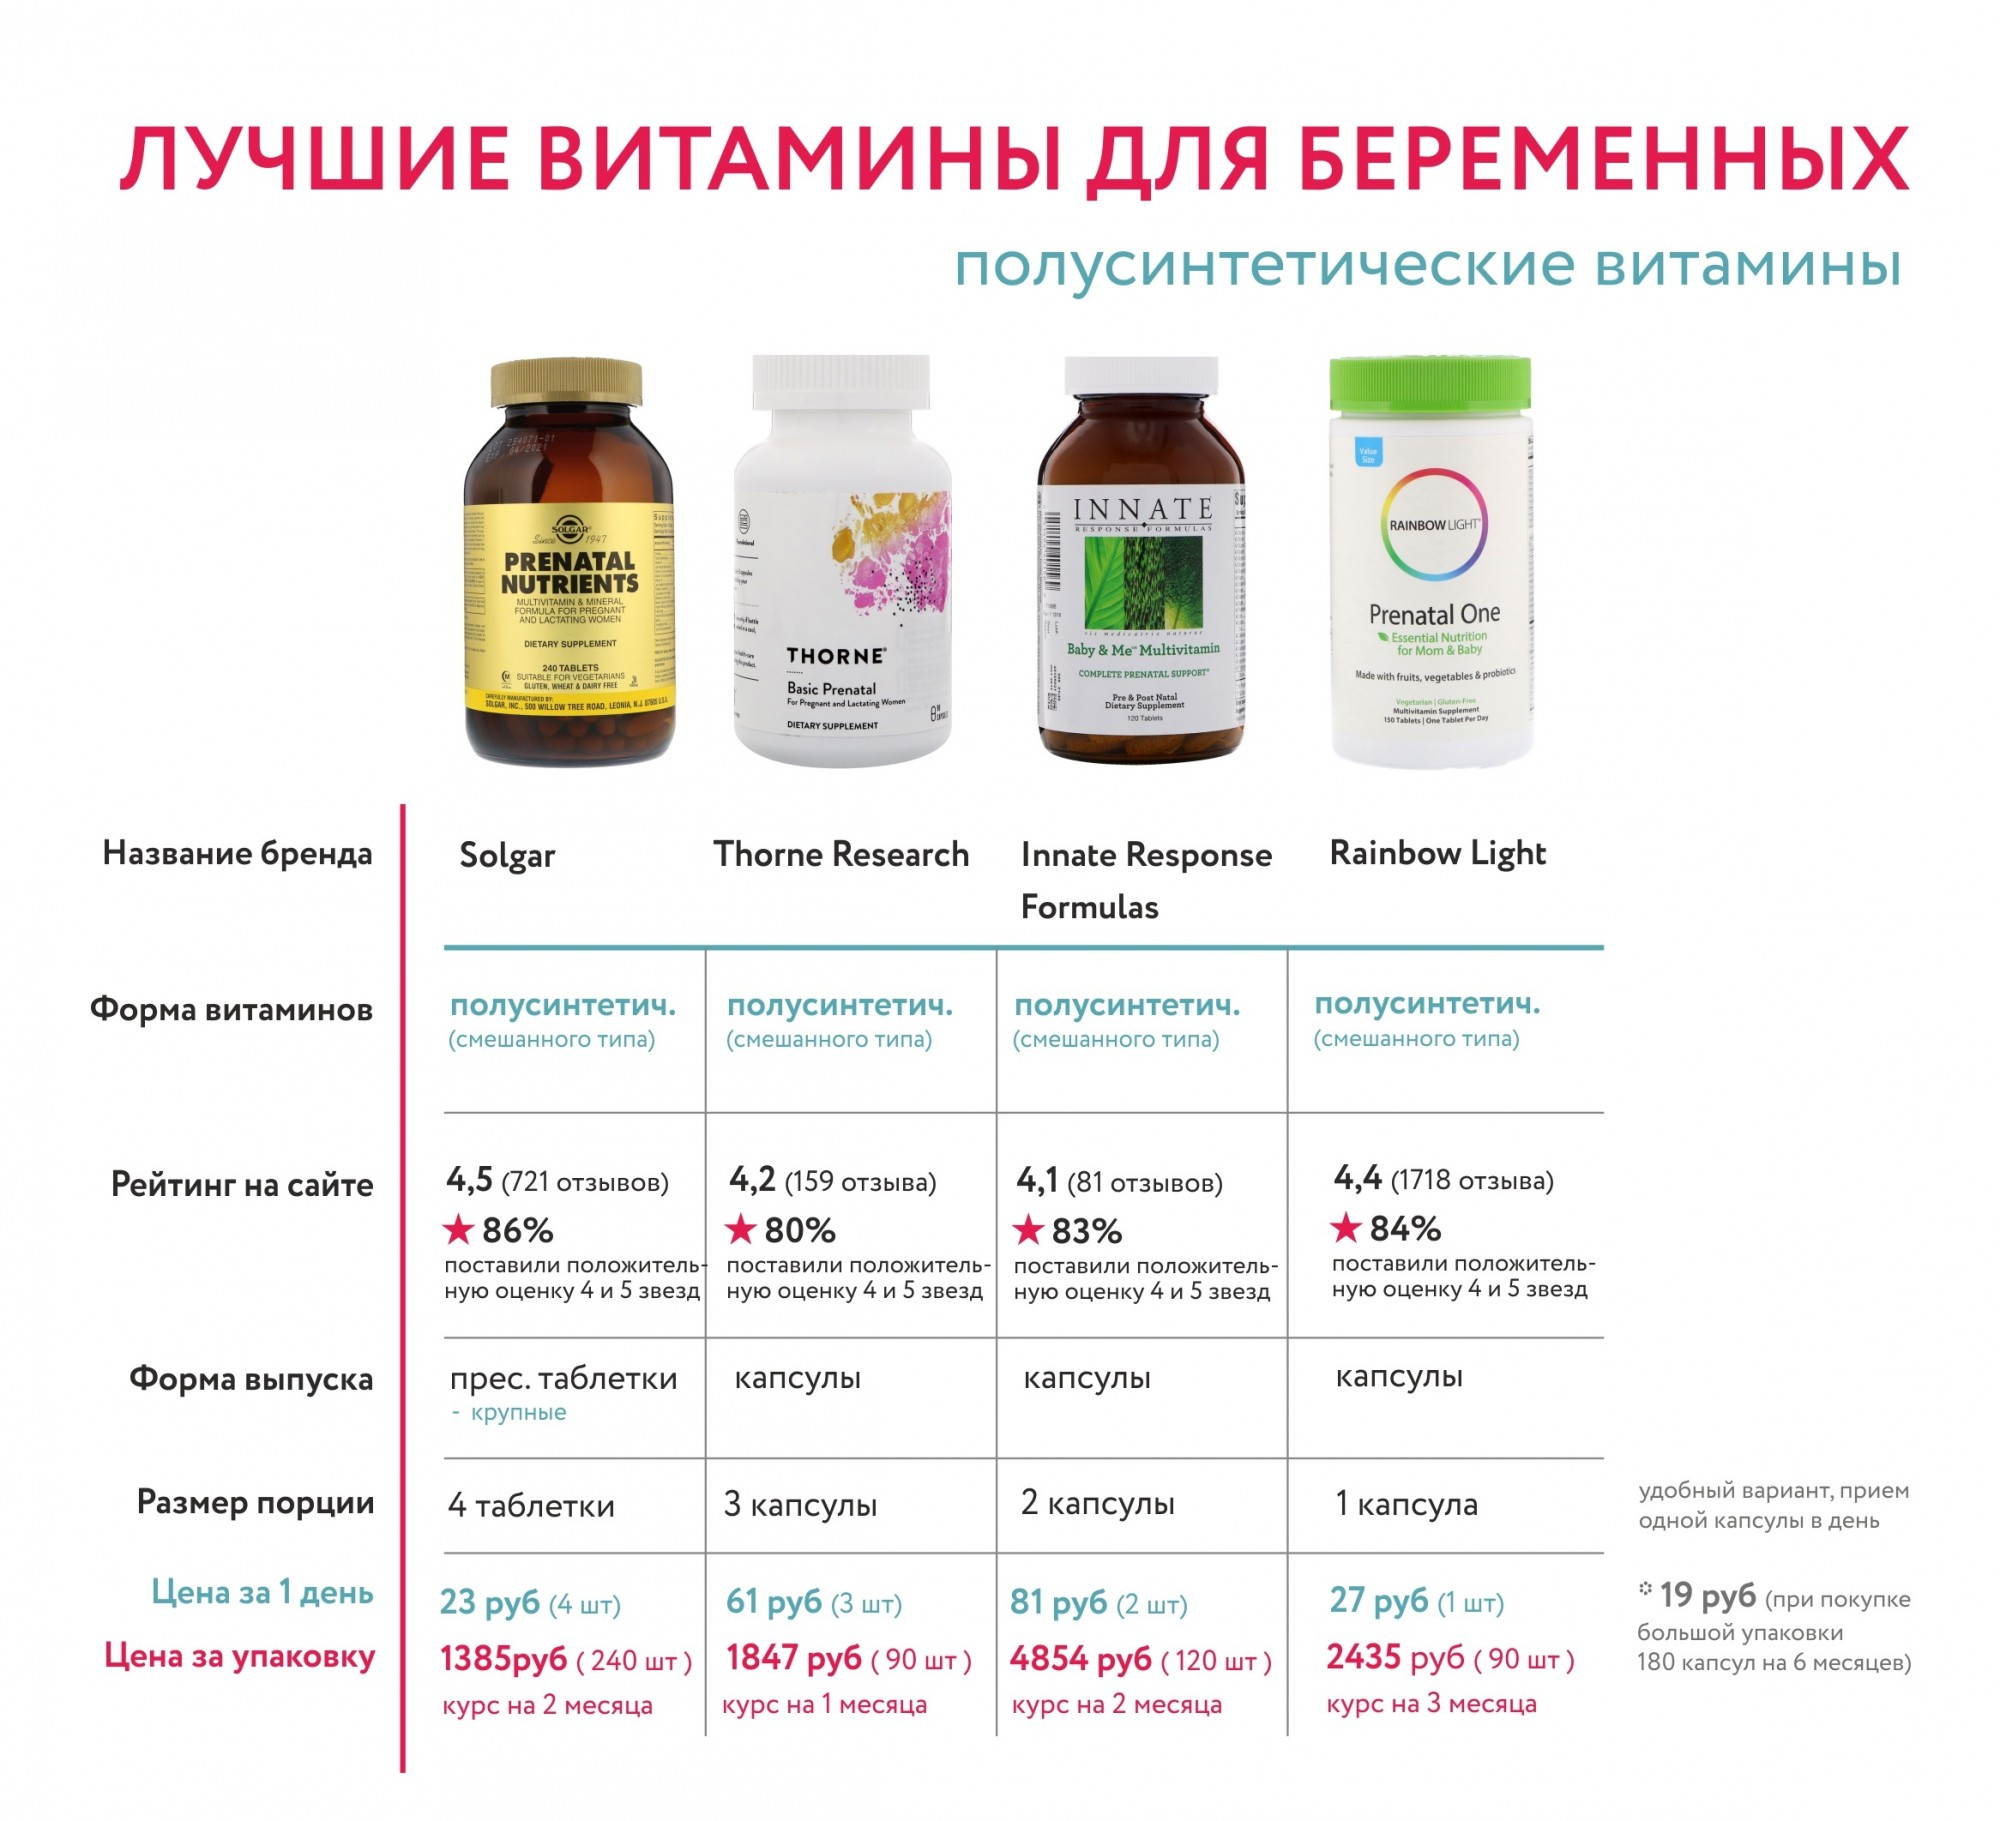 Витамины для беременных: какие лучше - на ранних сроках, по триместрам